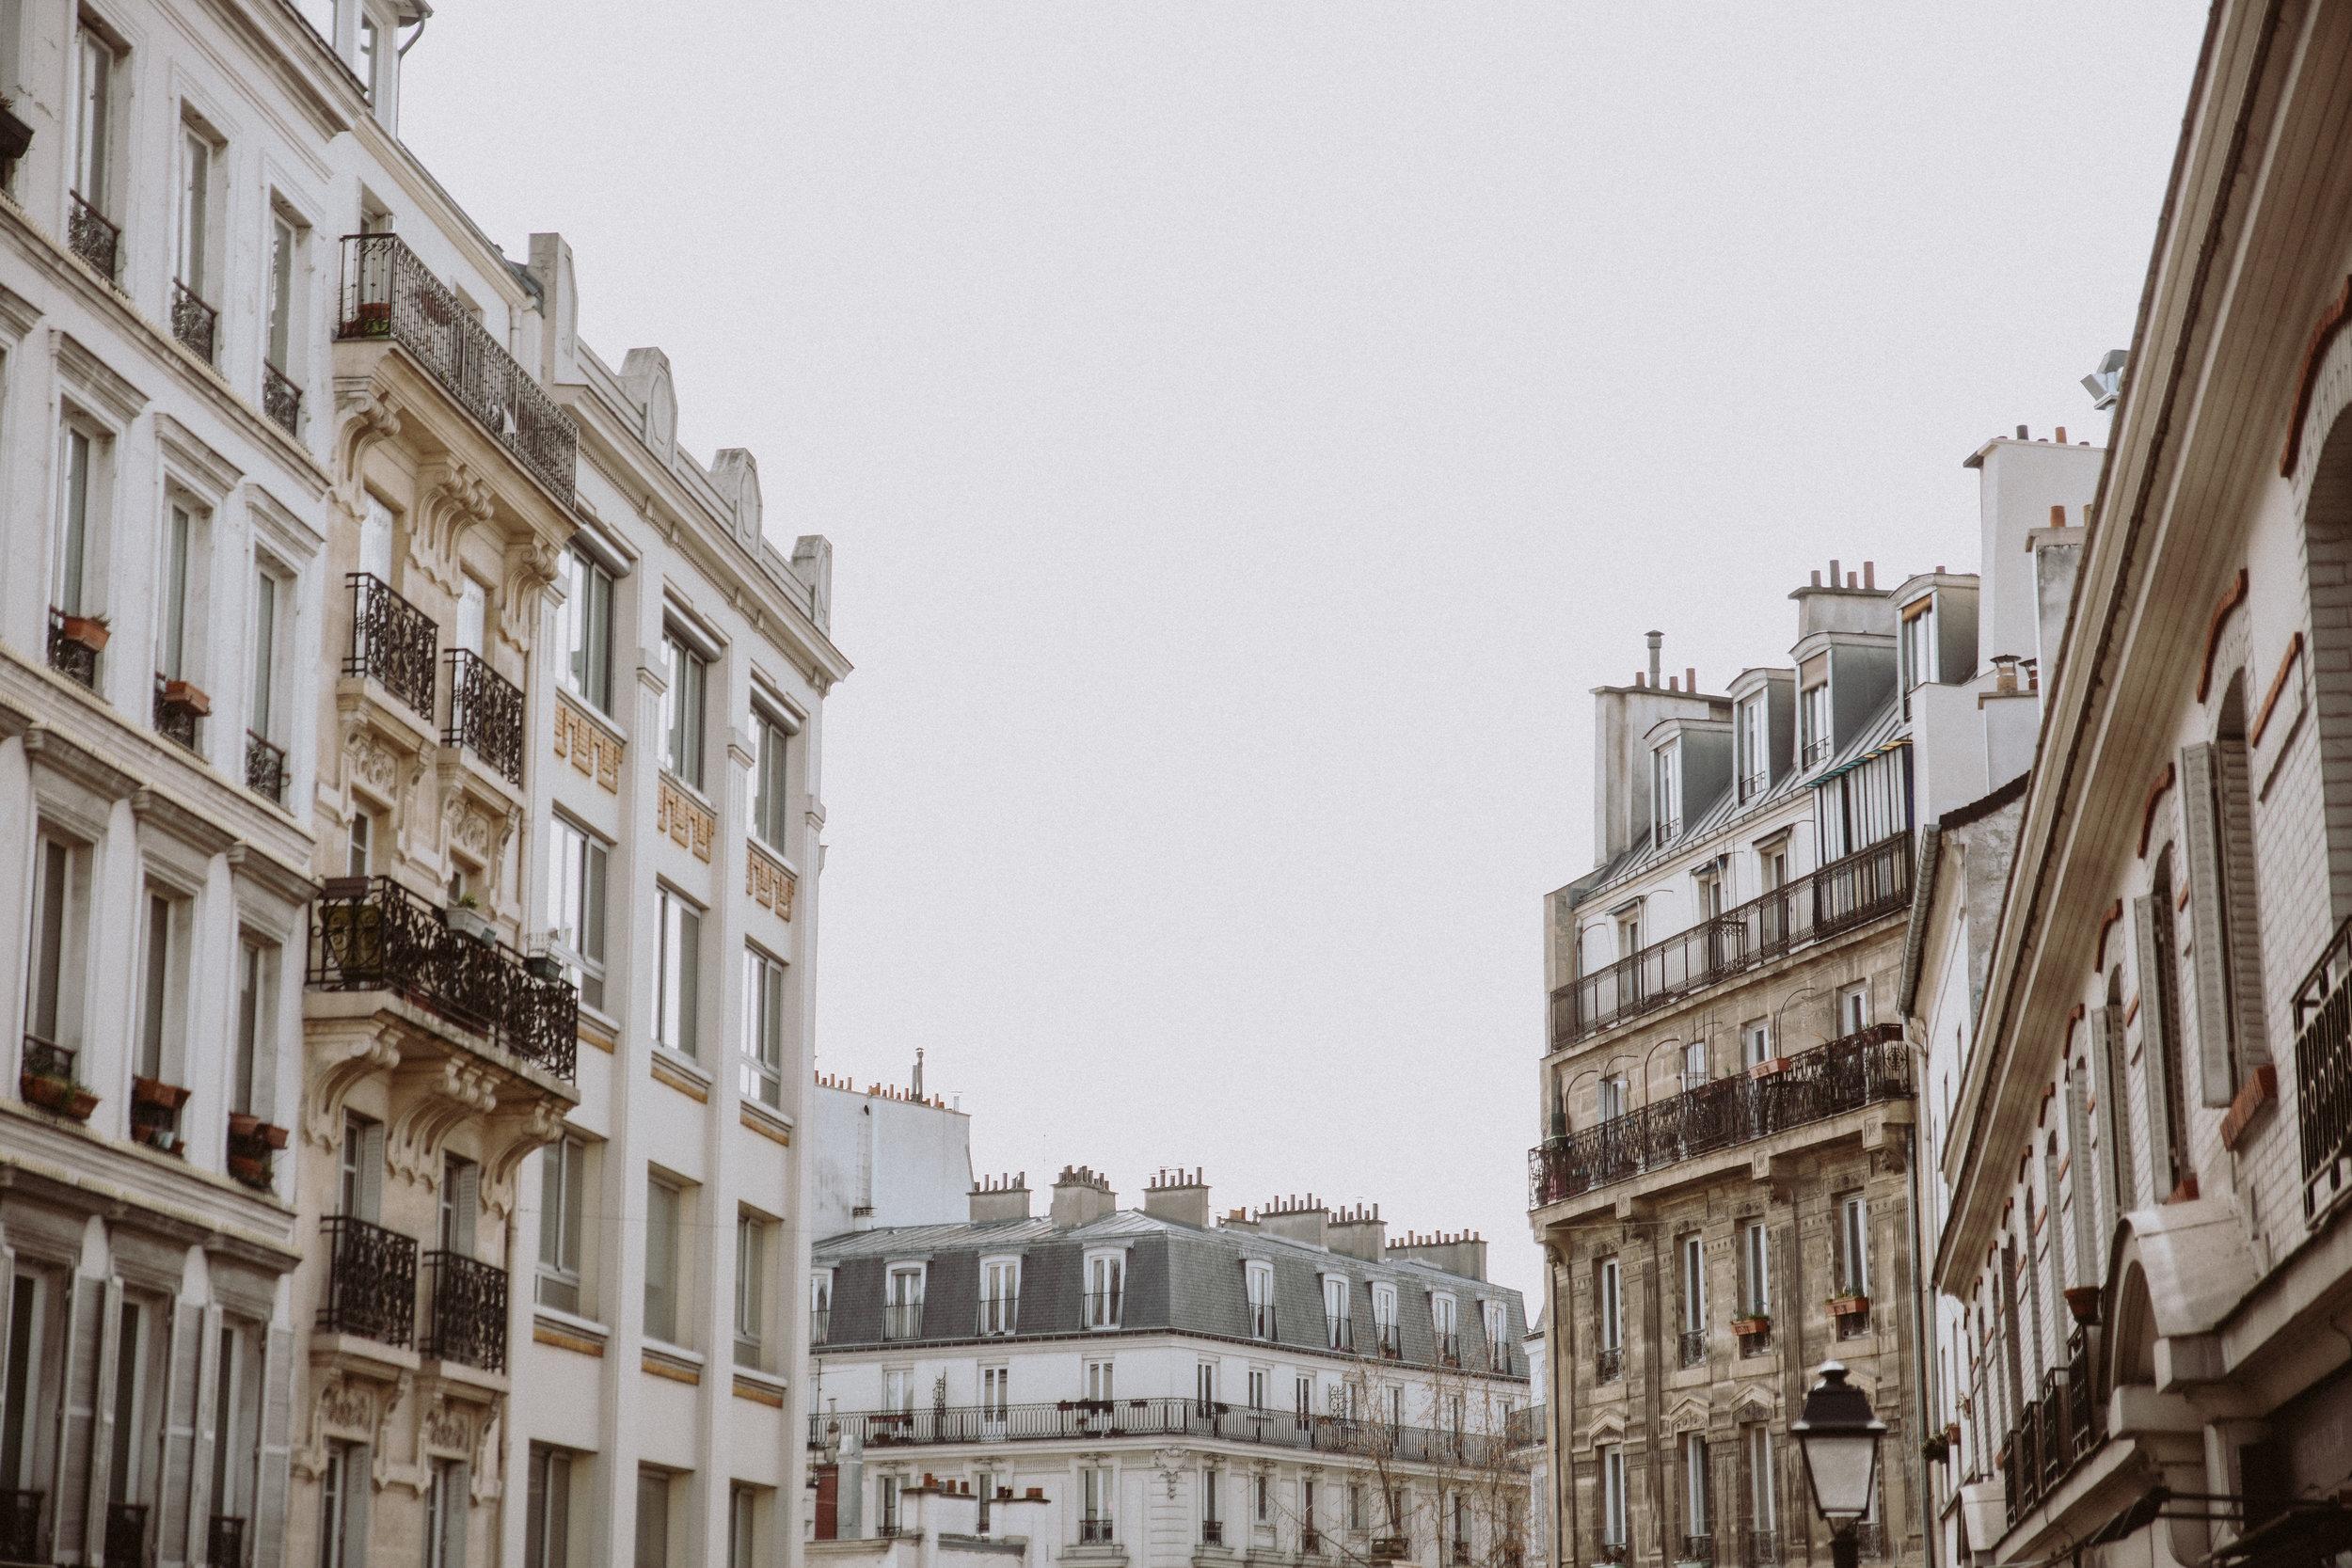 Montmarte - Located in Paris's 18th arrondissement